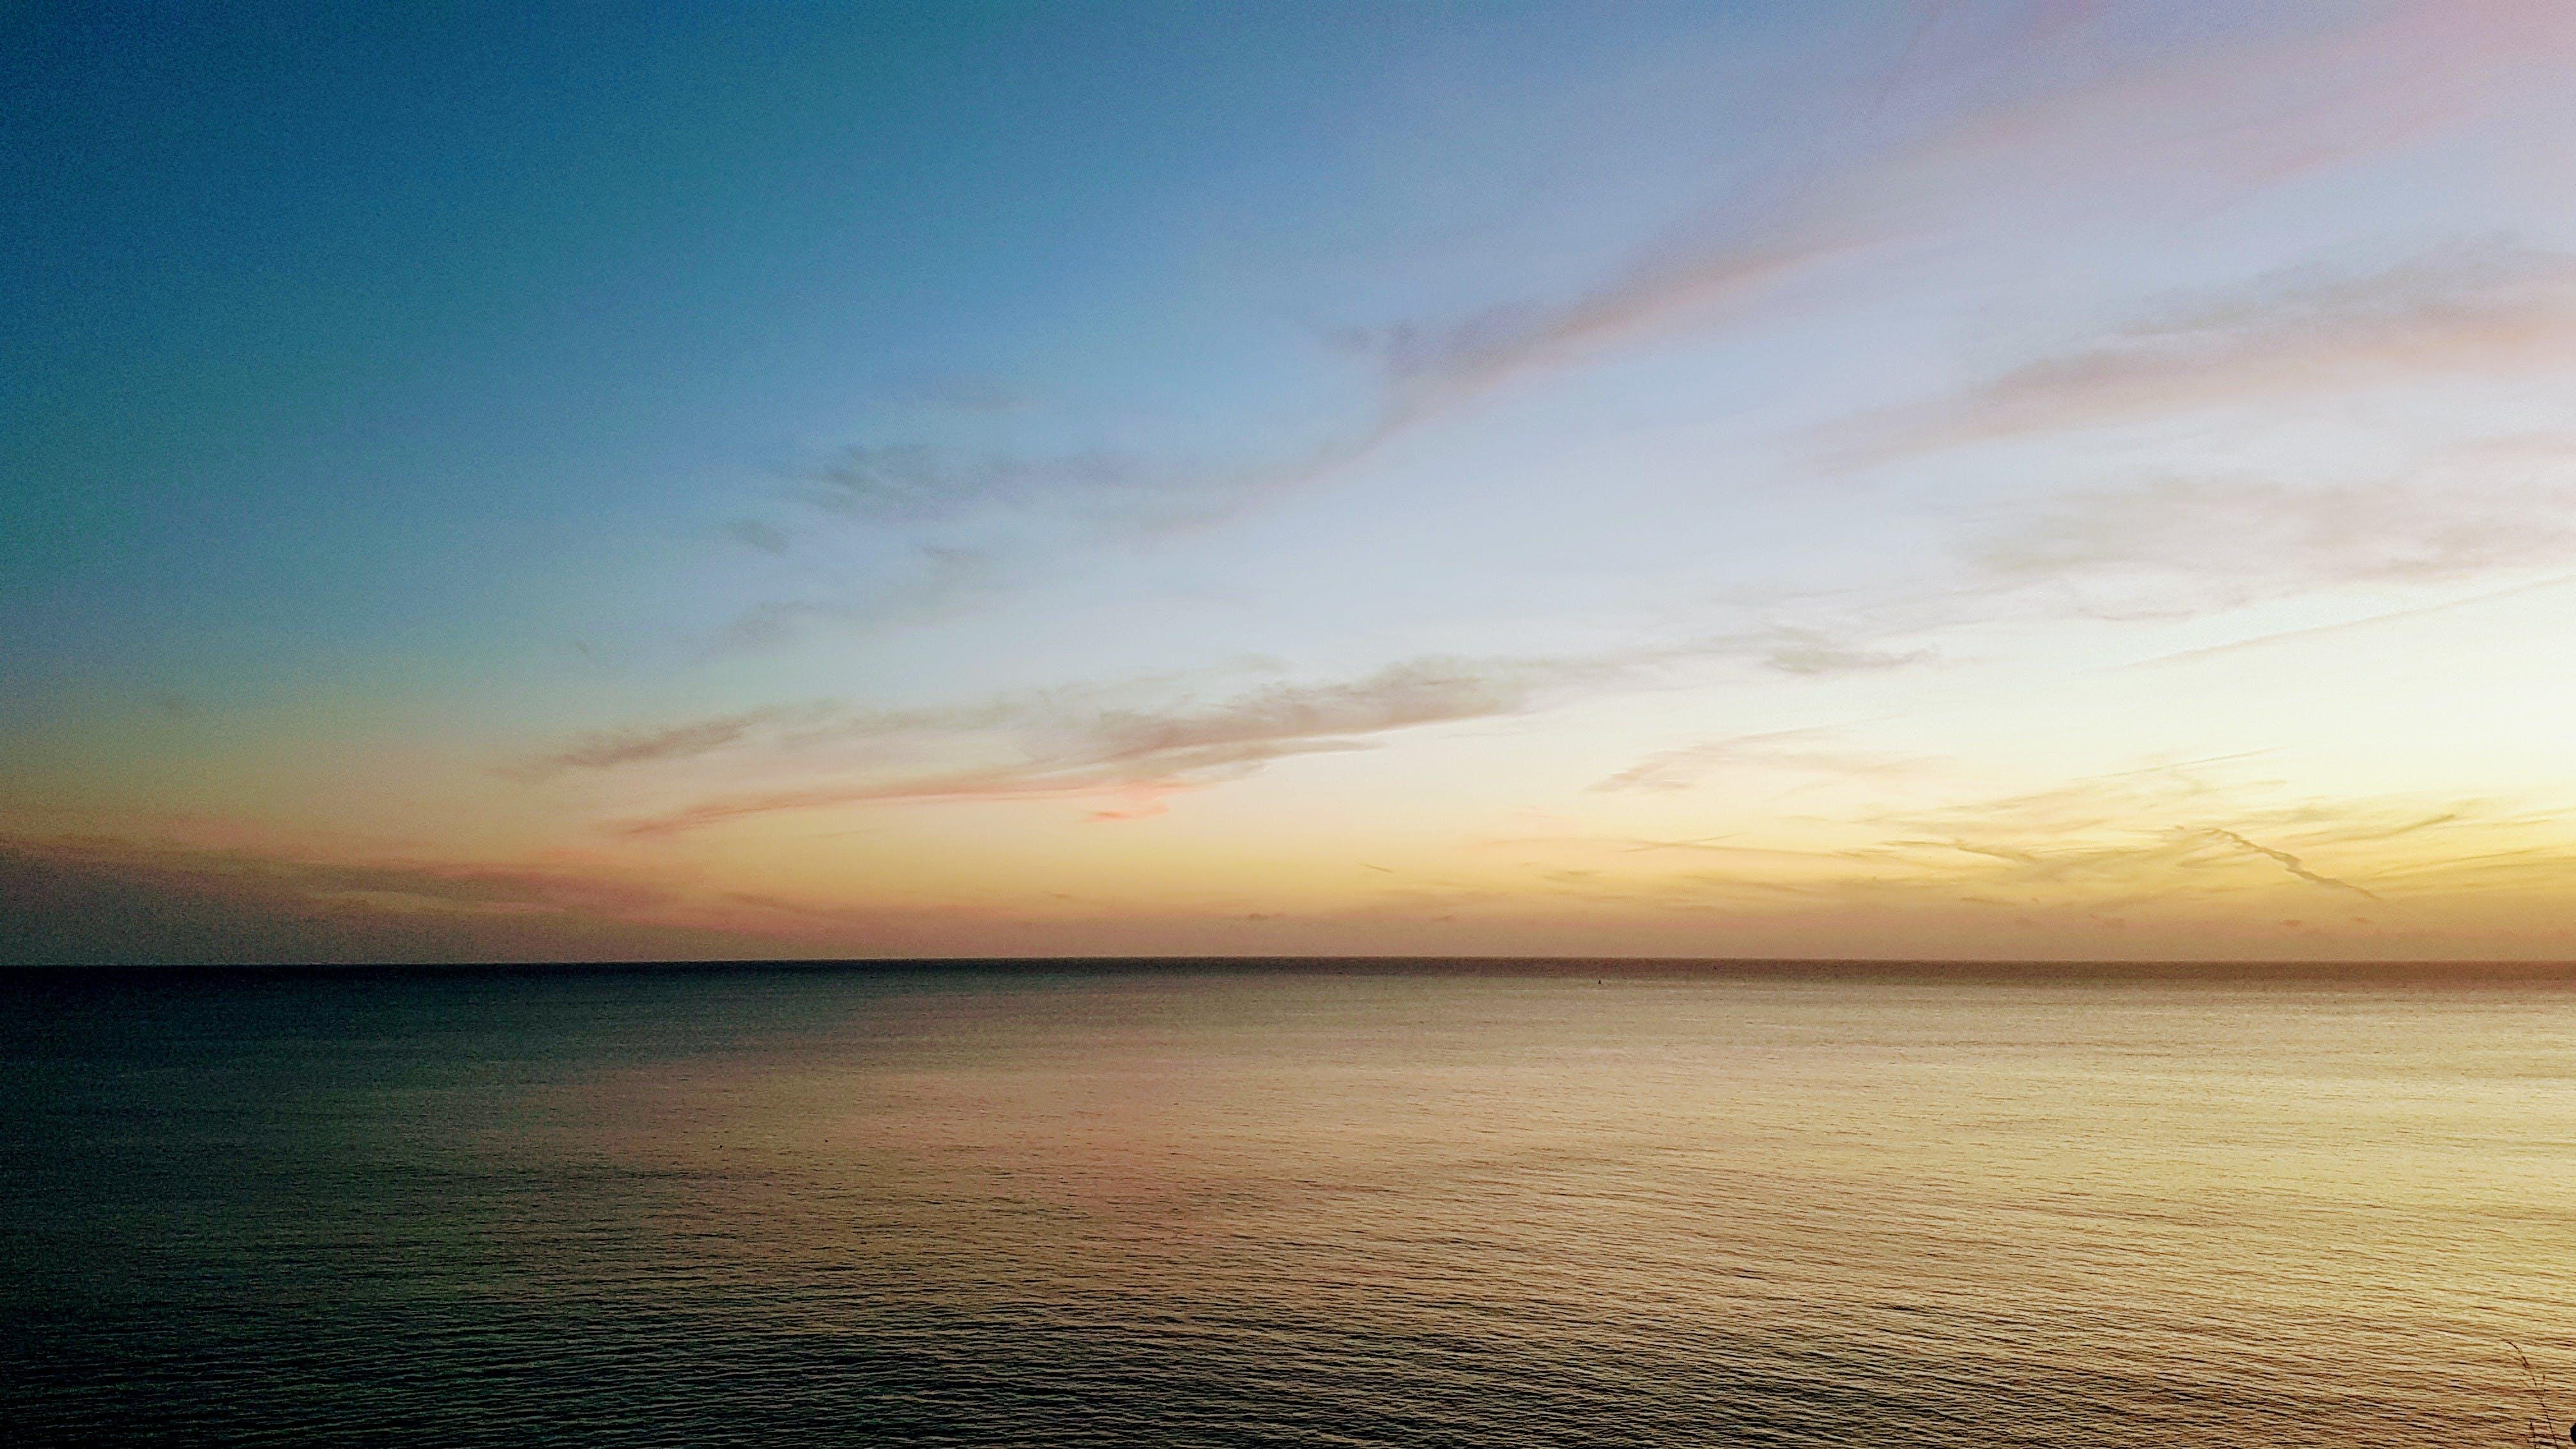 Gratis lagerfoto af hav, havudsigt, himmel, horisont